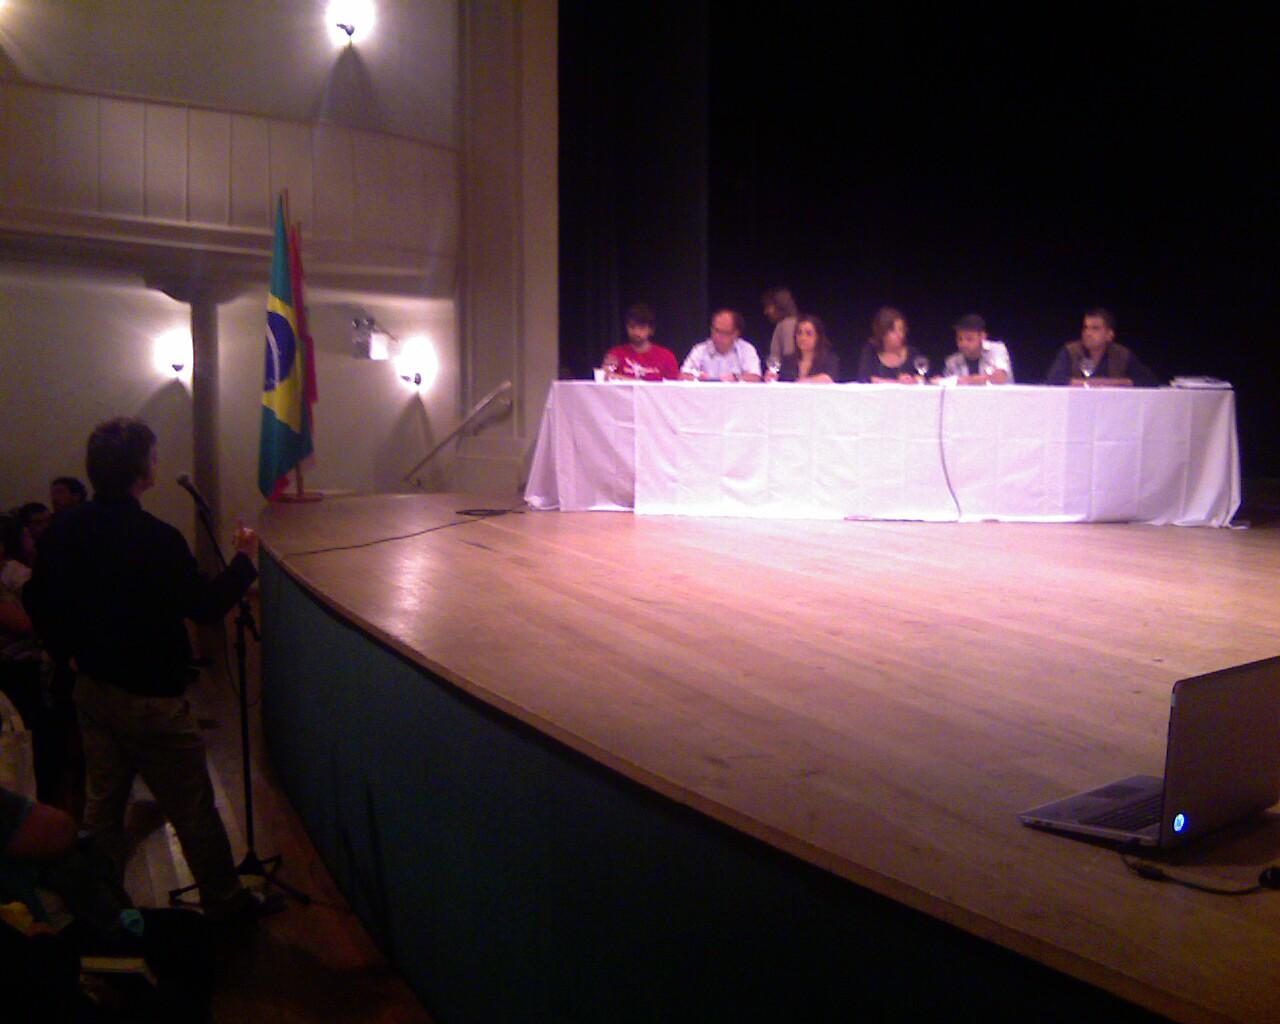 Microfone aberto #debate #culturaviva